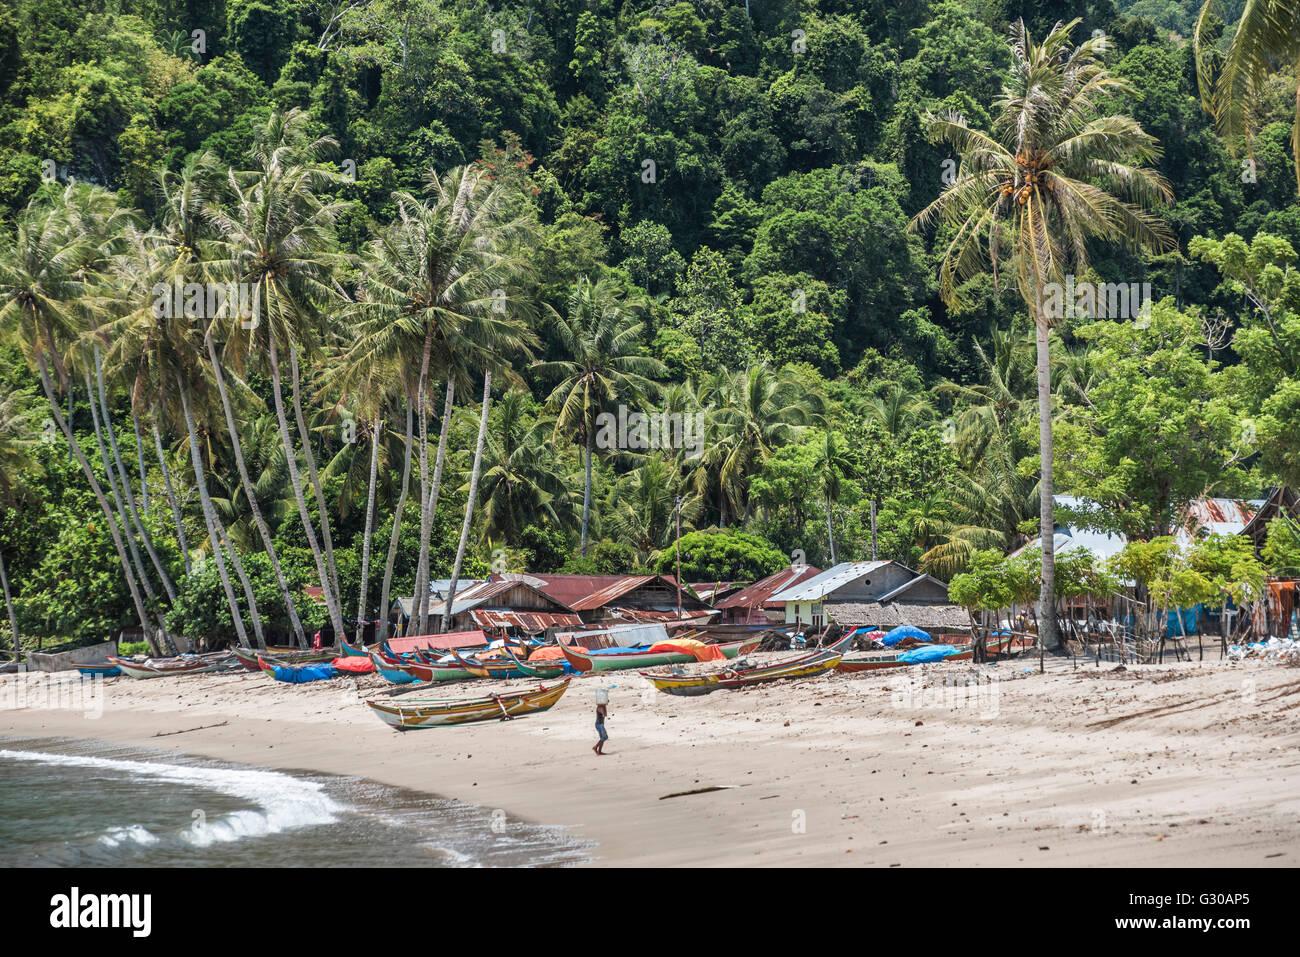 Sungai Pinang, ein Fischerdorf in der Nähe von Padang in West-Sumatra, Indonesien, Südostasien, Asien Stockbild